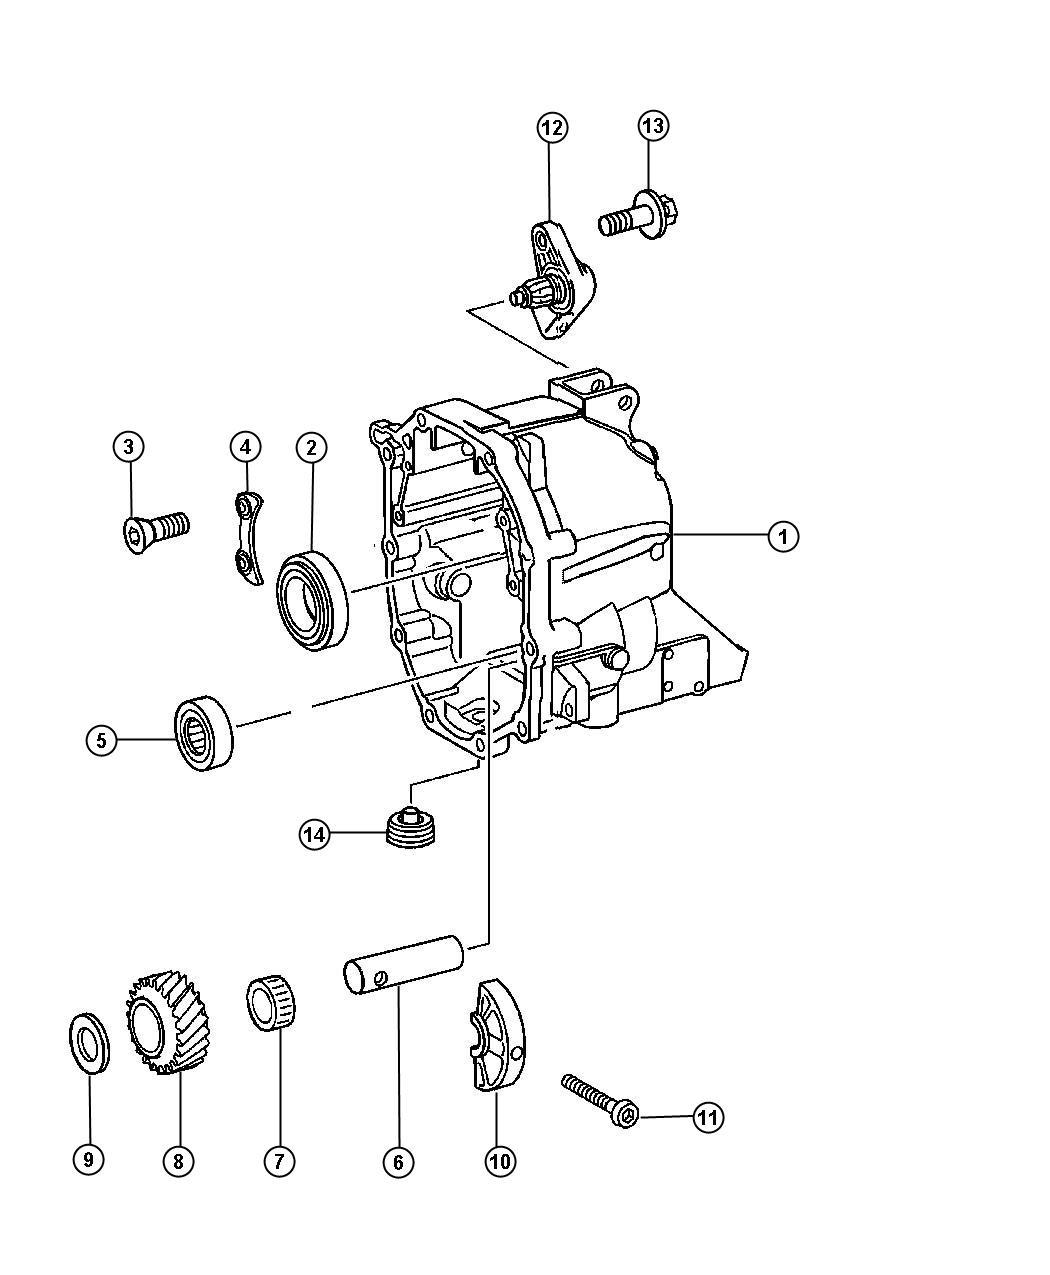 Jeep Wrangler Shaft. Reverse idler shaft. Case, related